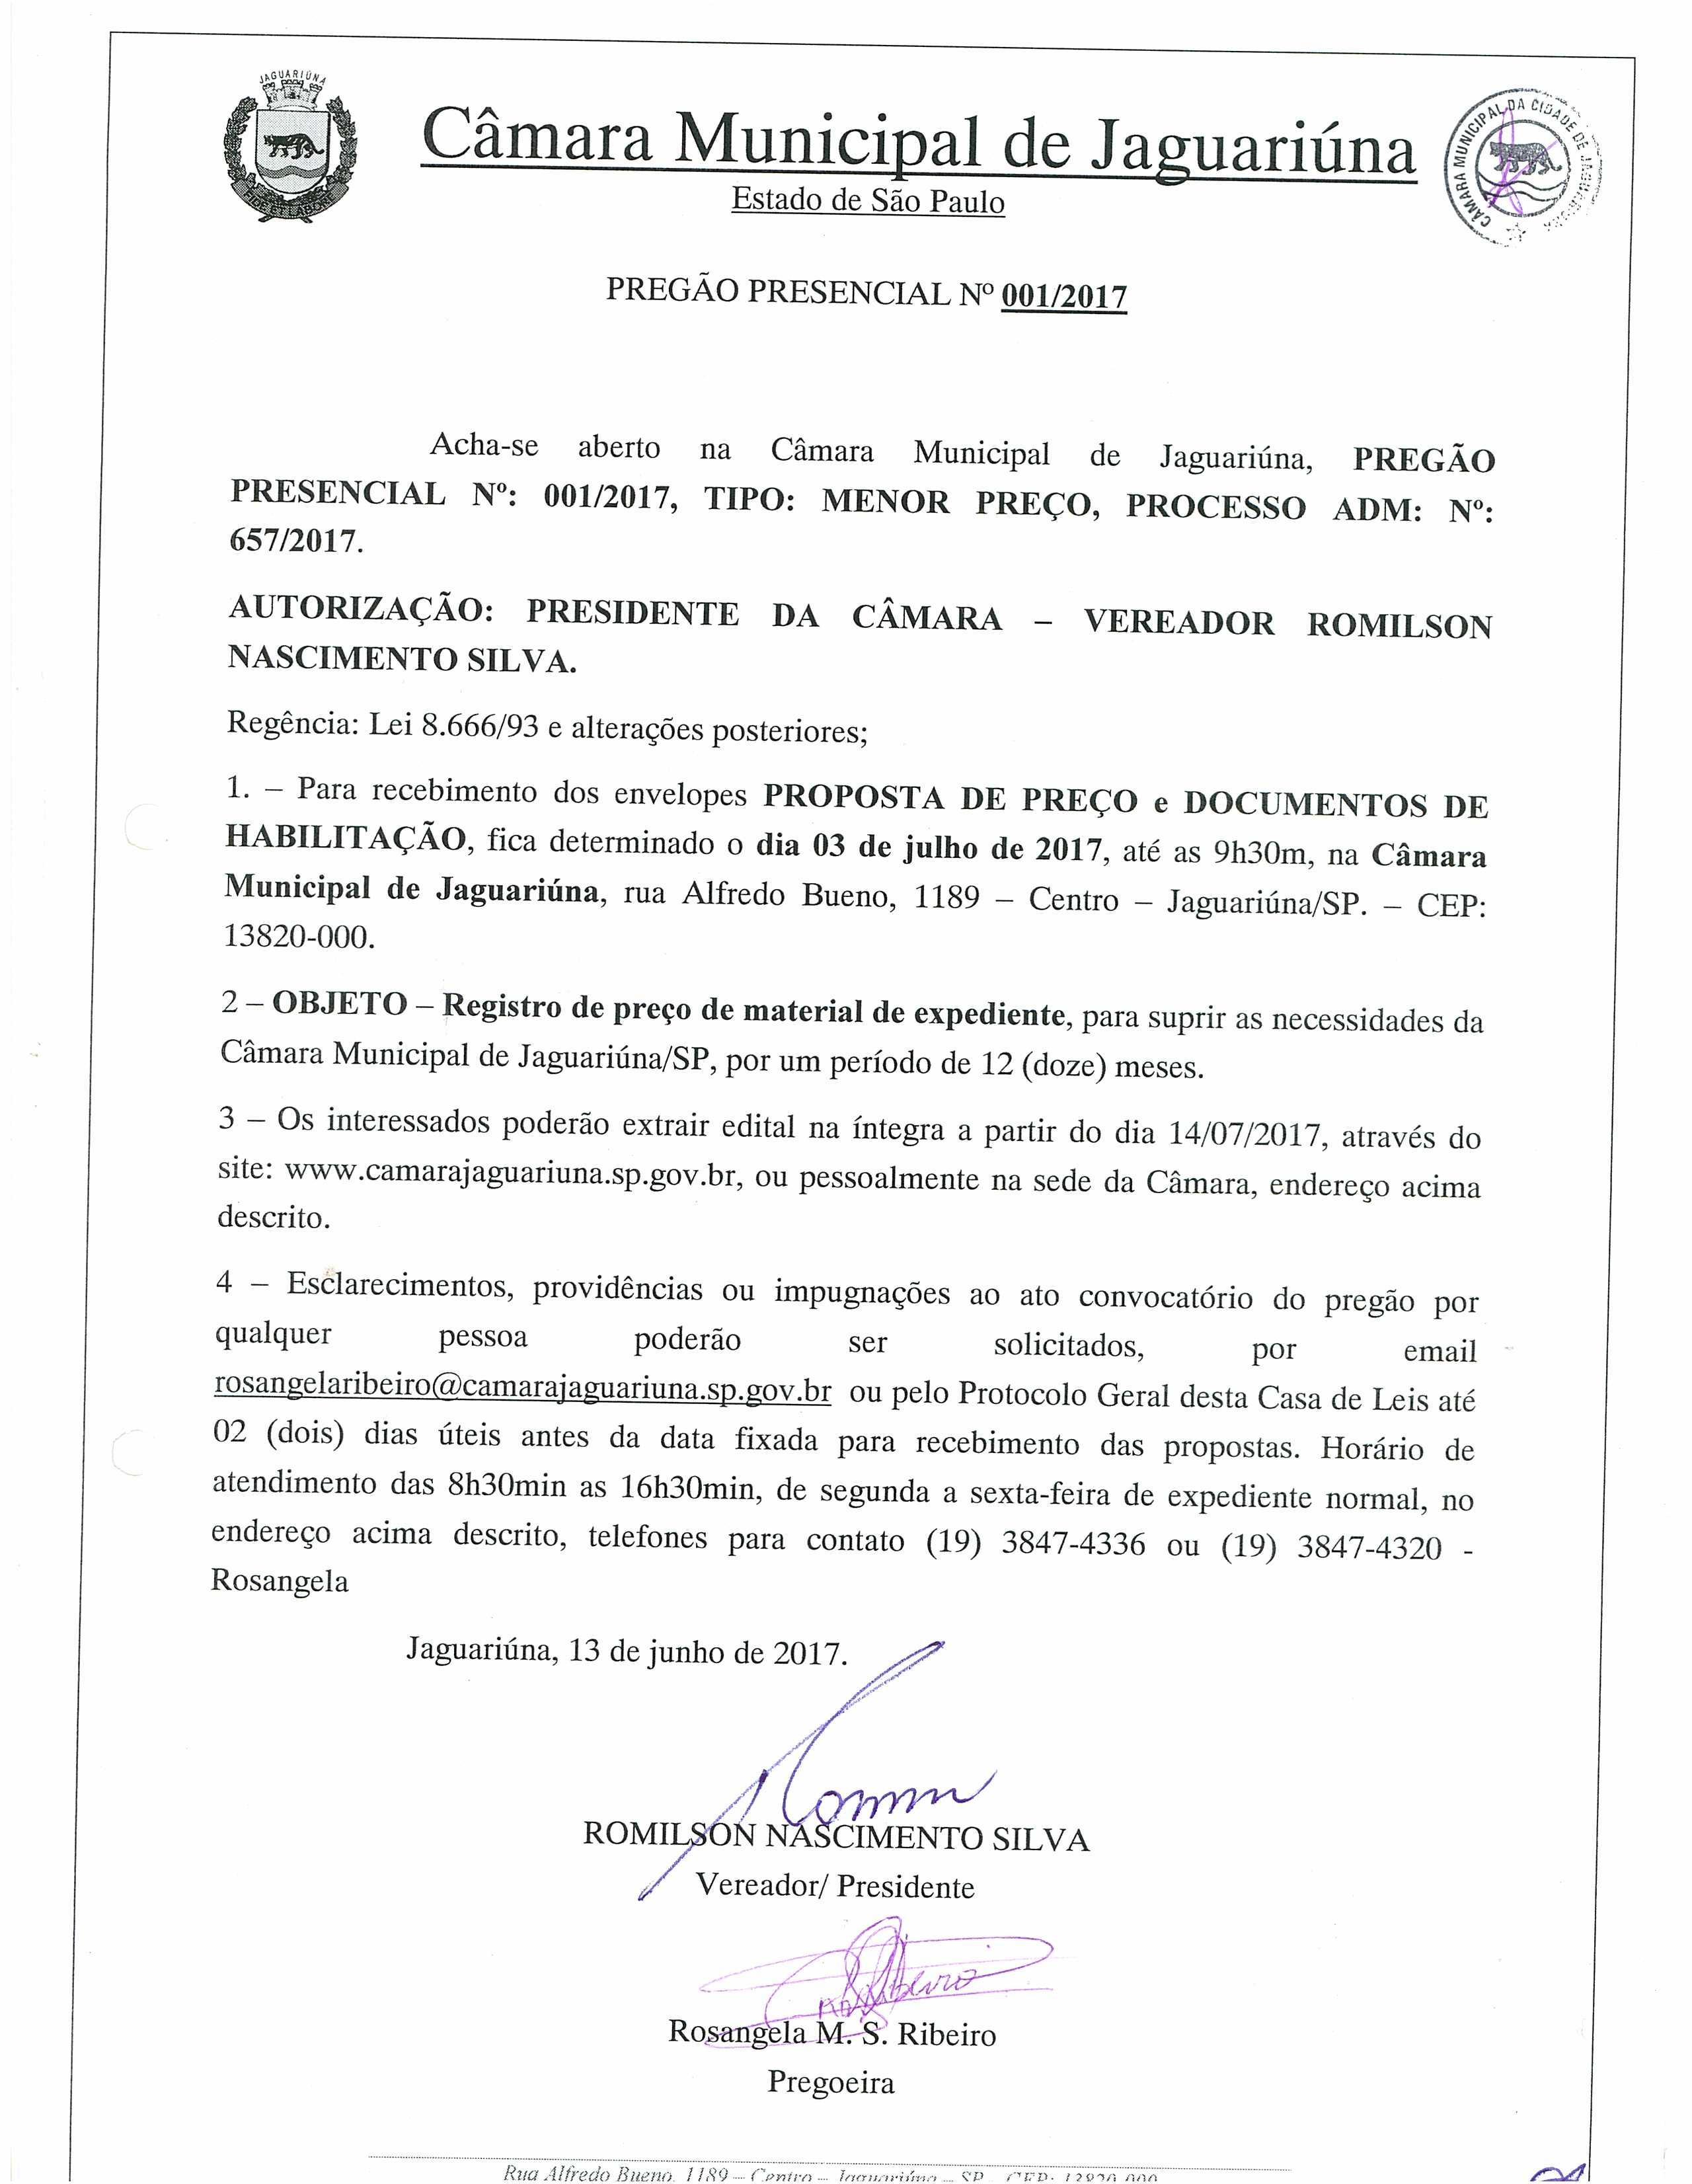 Pregão Presencial 001/2017 - Registro de preço de material de expediente